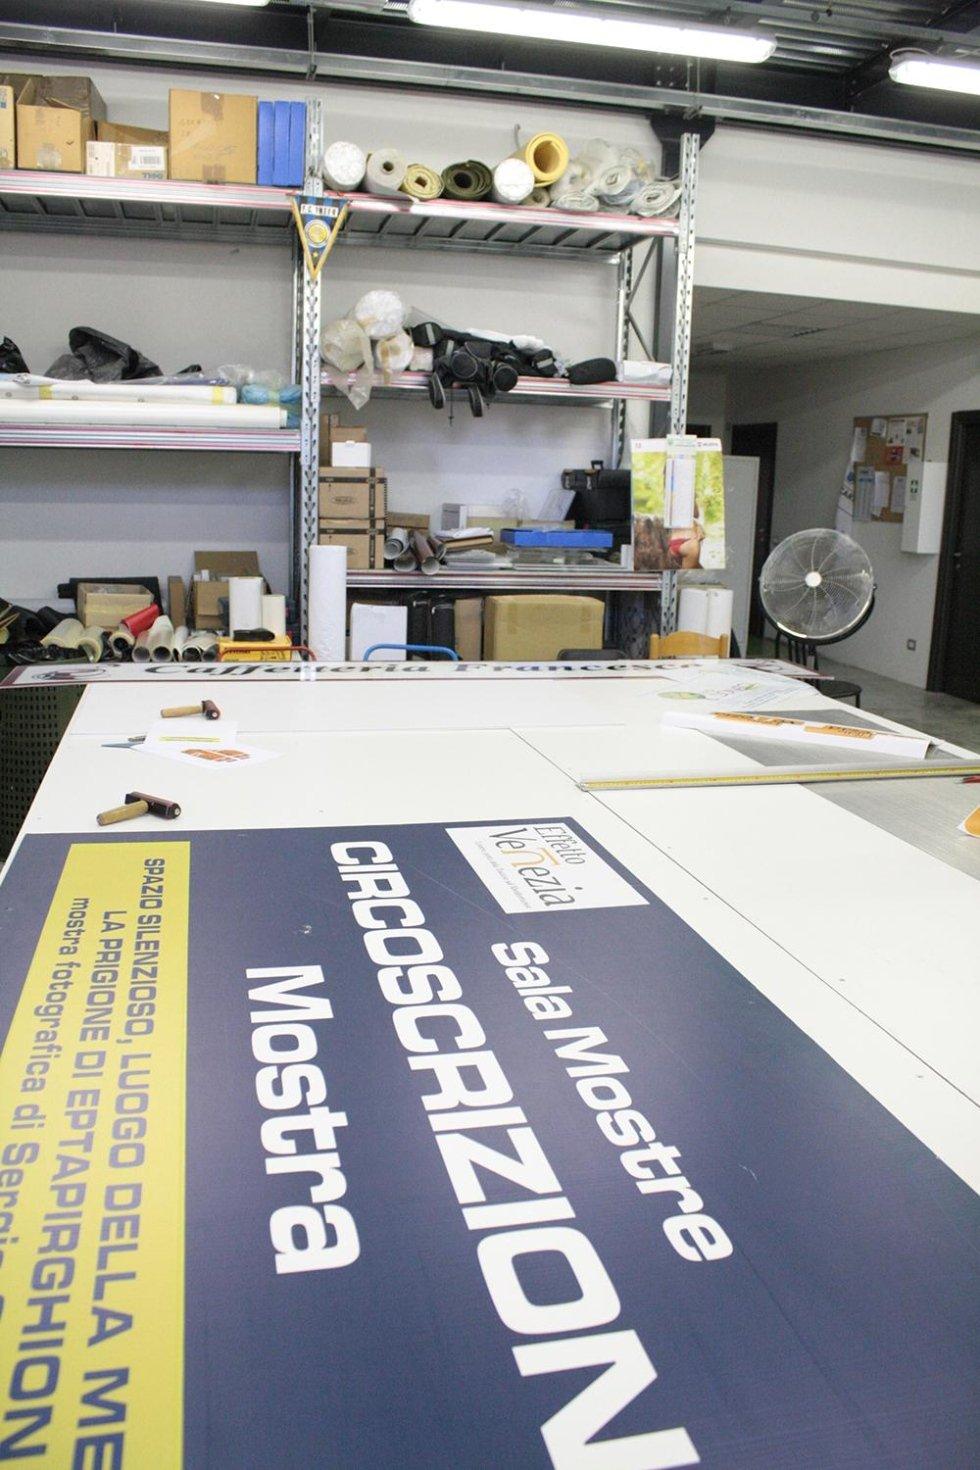 un cartellone con scritto sala mostre in una fabbrica di stampe